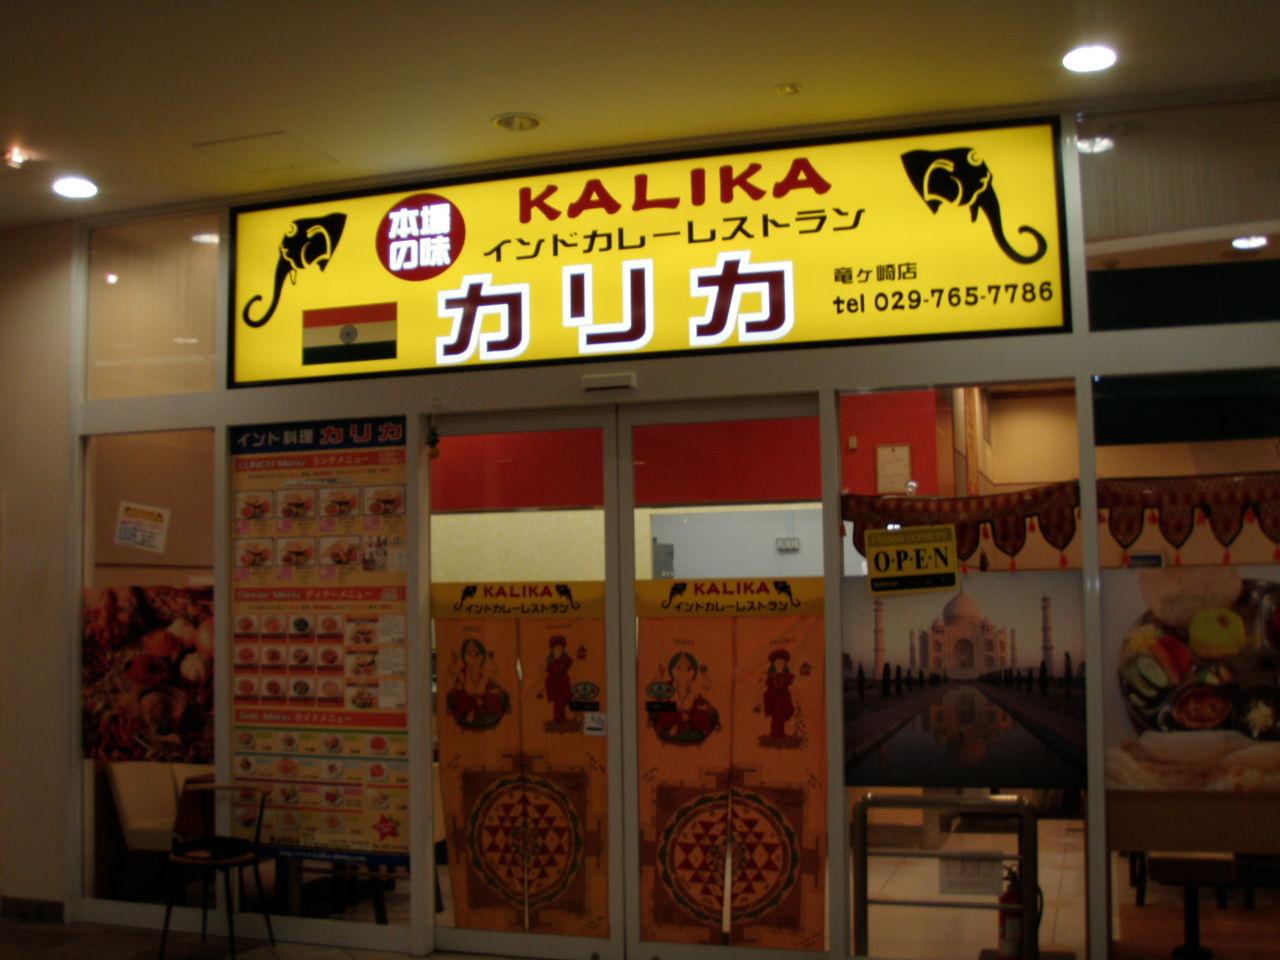 インド料理カリカ 駒込店(地図/王子/インドカ …